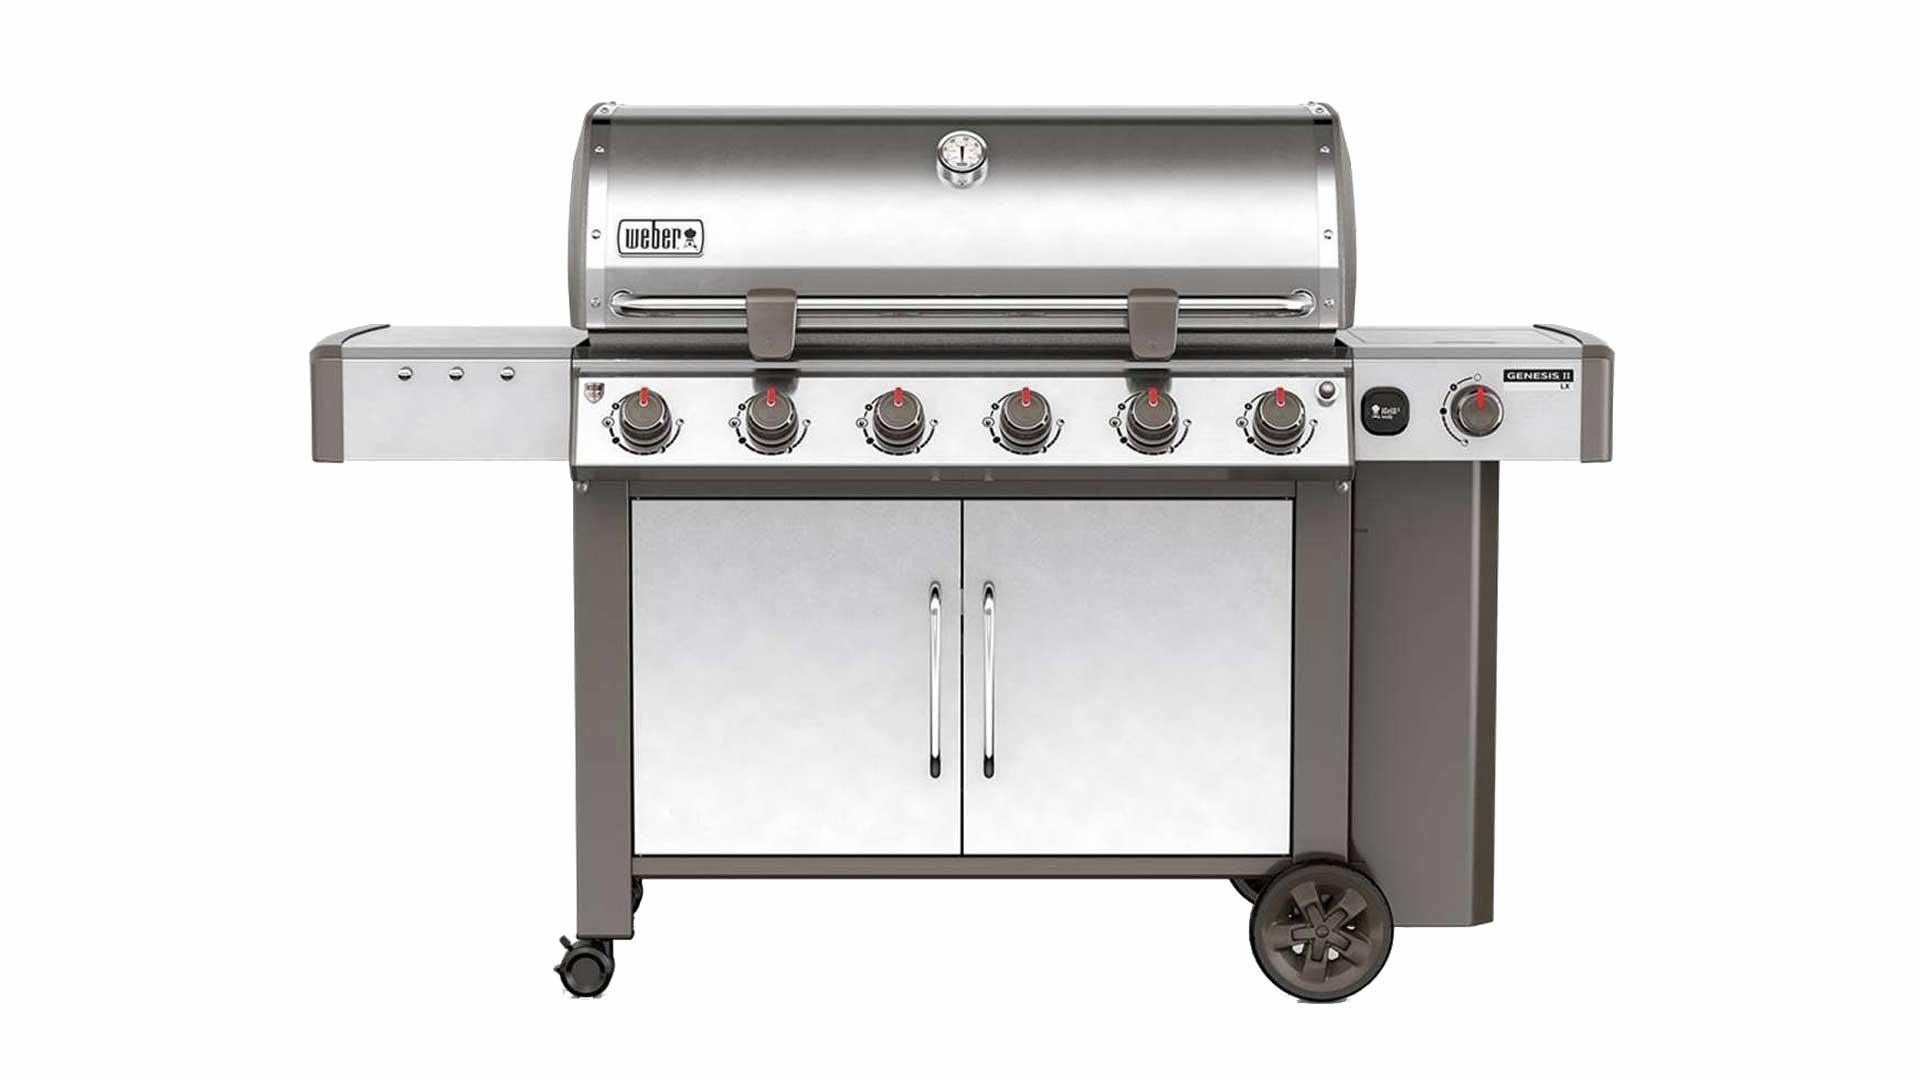 barbecue weber genesis 2 lx s 640 gbs gas grill inox brico ok corigliano. Black Bedroom Furniture Sets. Home Design Ideas